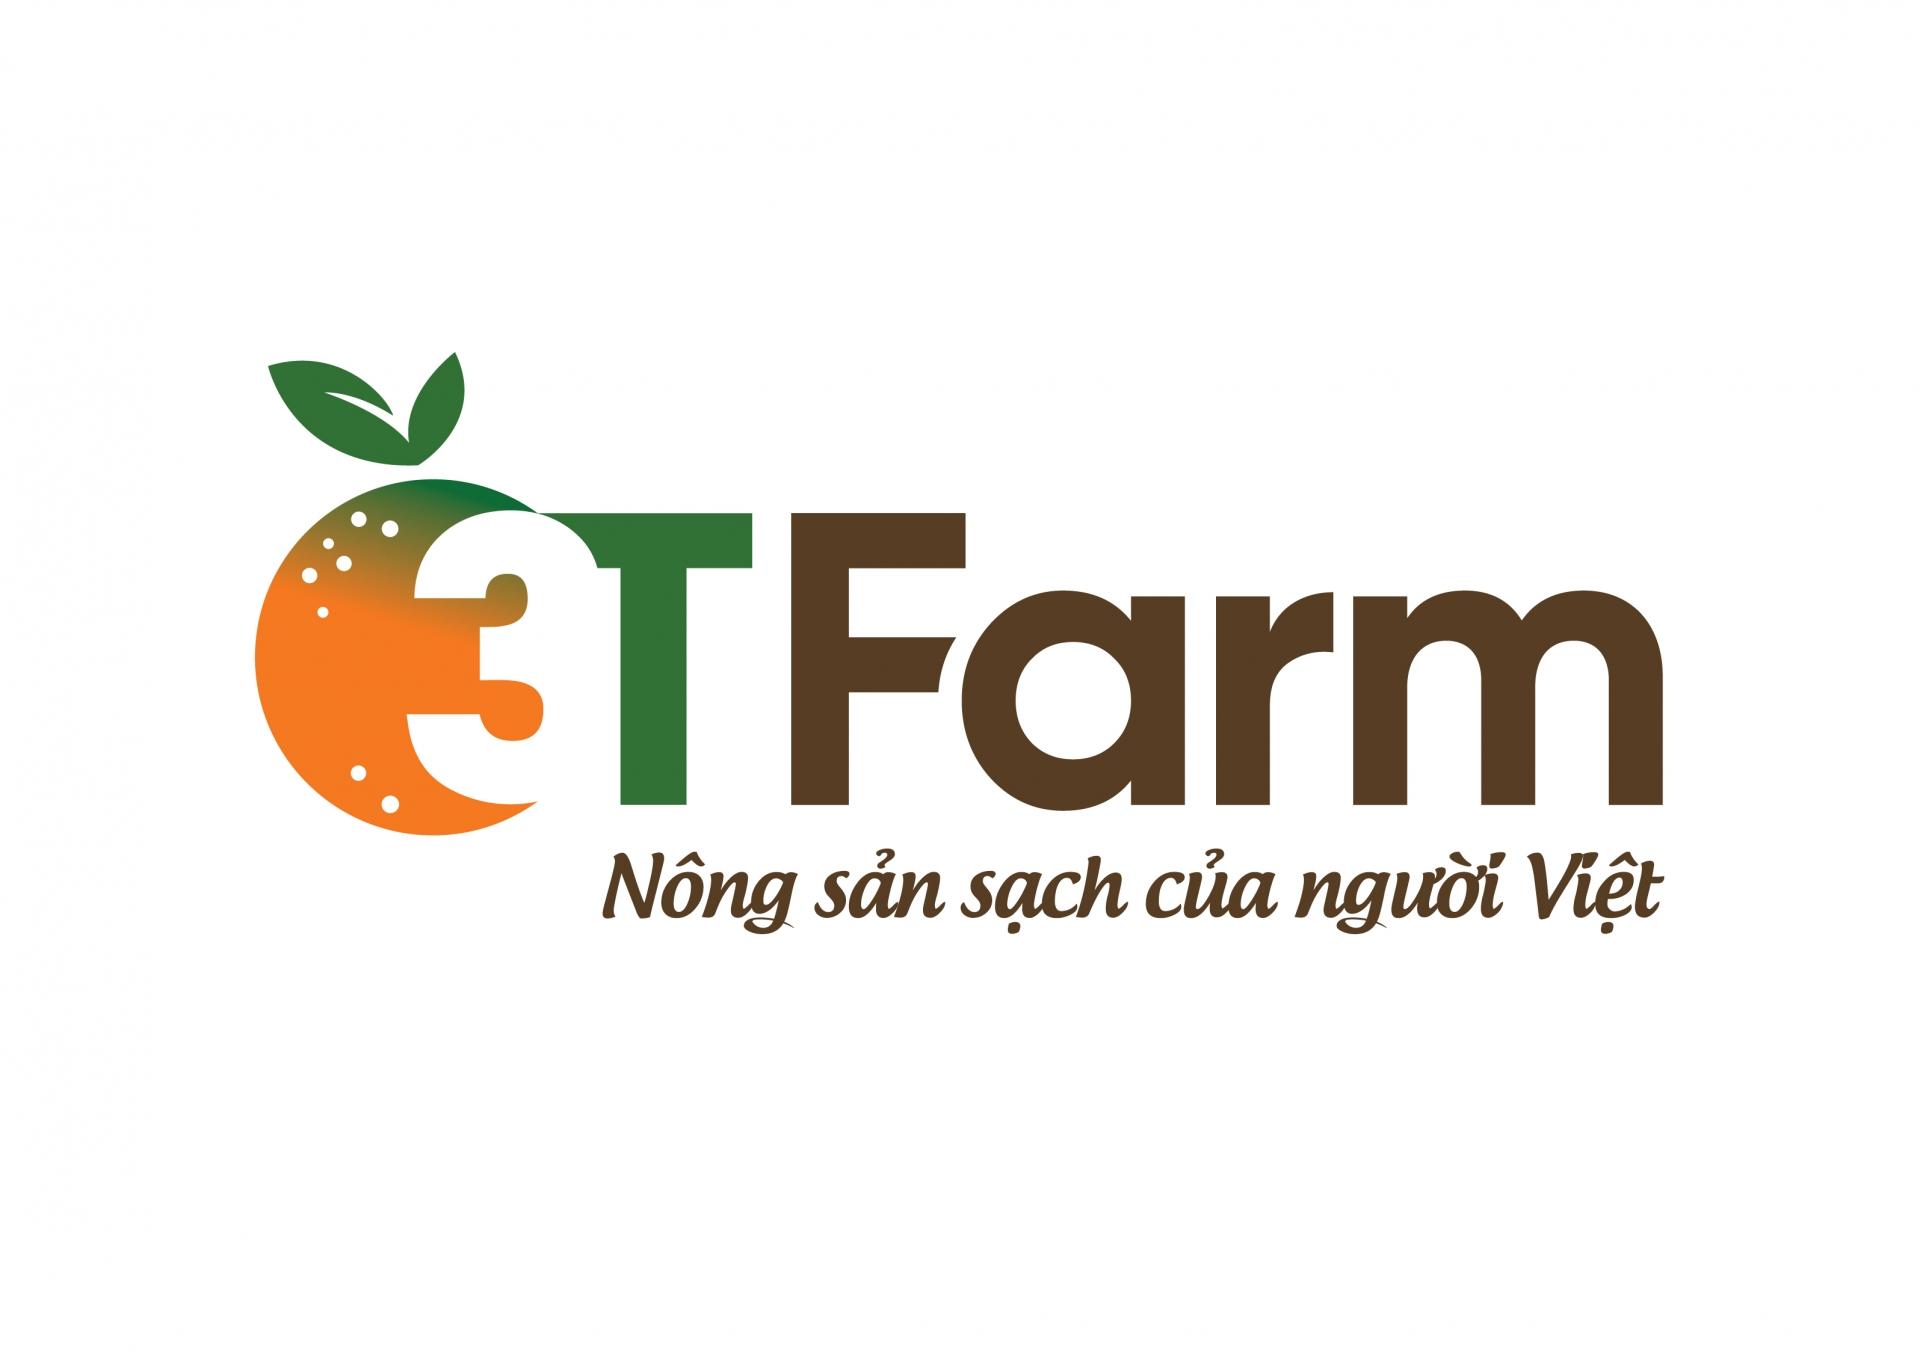 HTX 3Tfarm Nông Sản Cao Phong